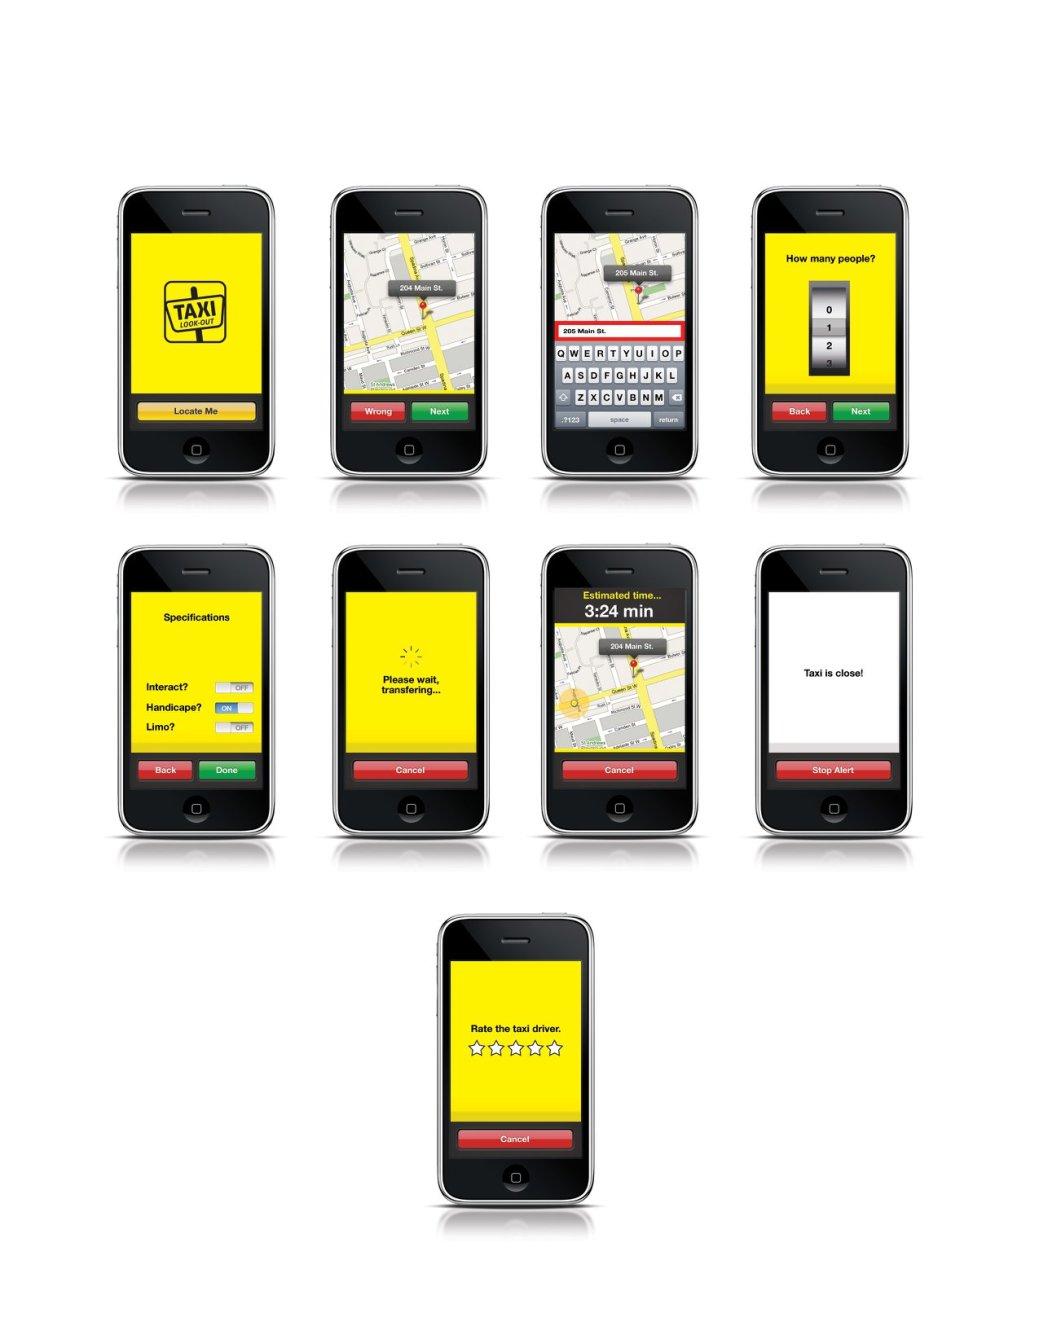 Le concept de Taxi Look-Out créé par Frédéric Laforge en 2010. - Gracieuseté